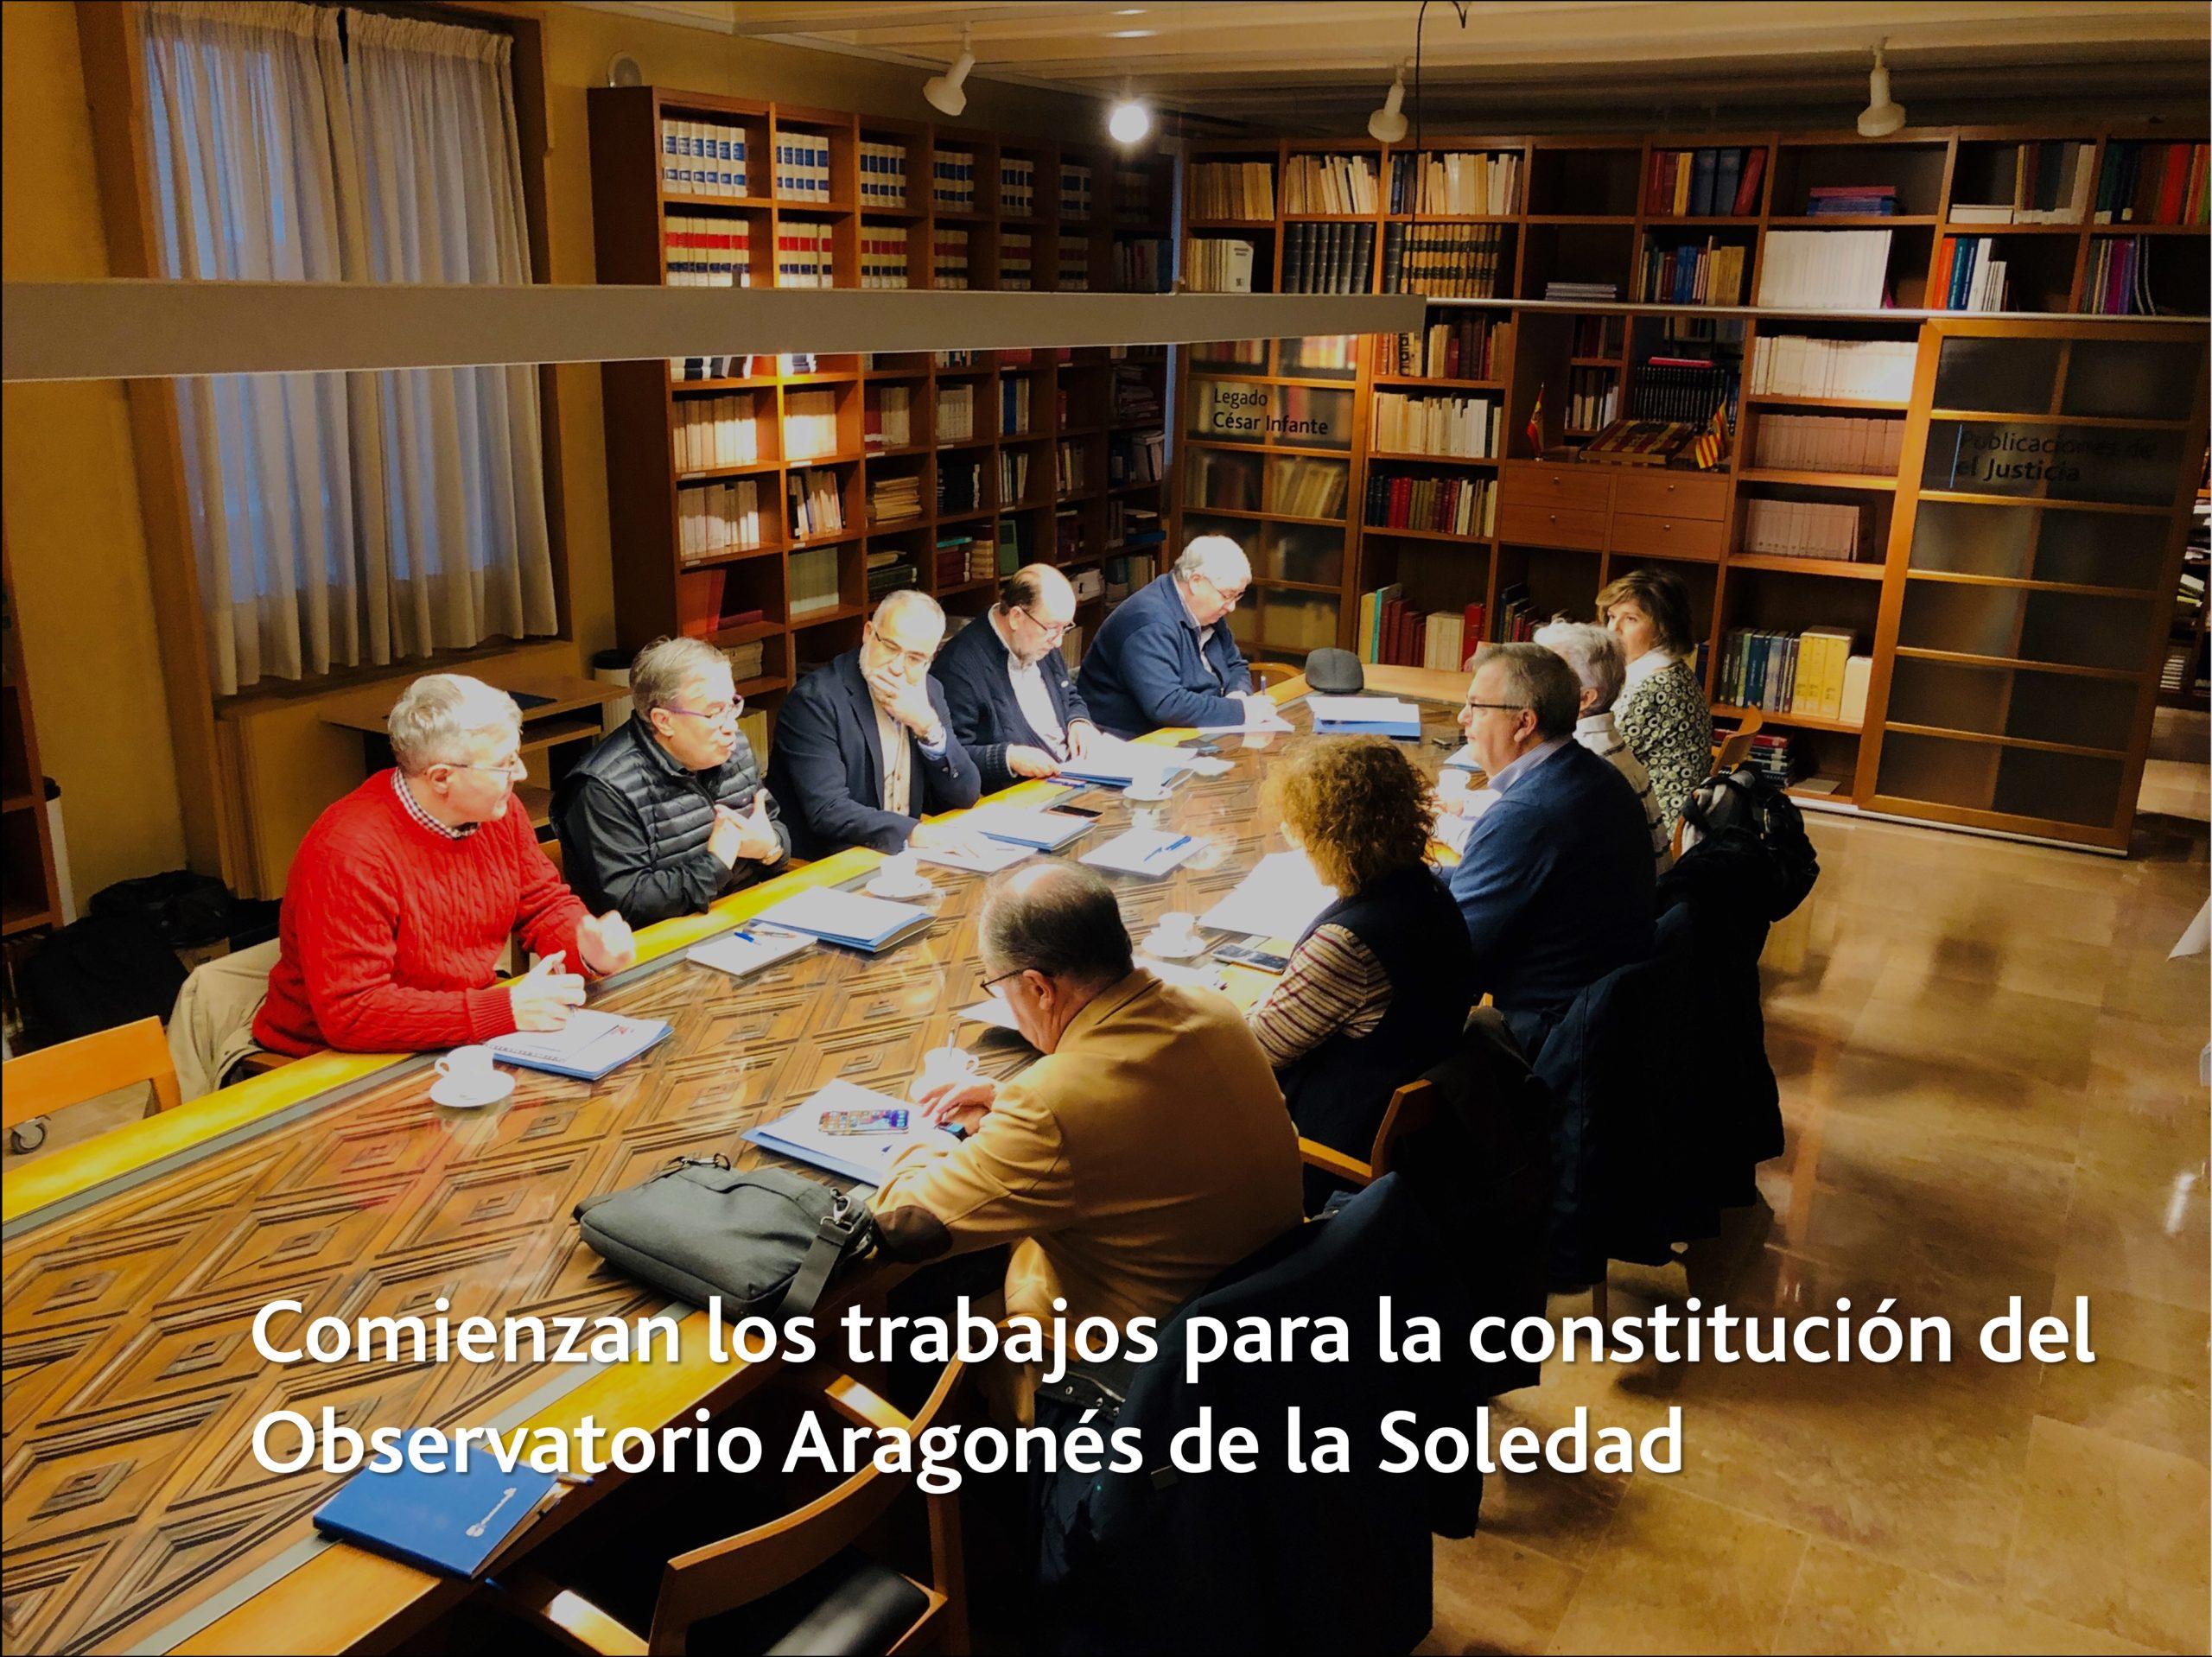 Comienzan los trabajos para la constitución del Observatorio de la Soledad en Personas Adultas Mayores